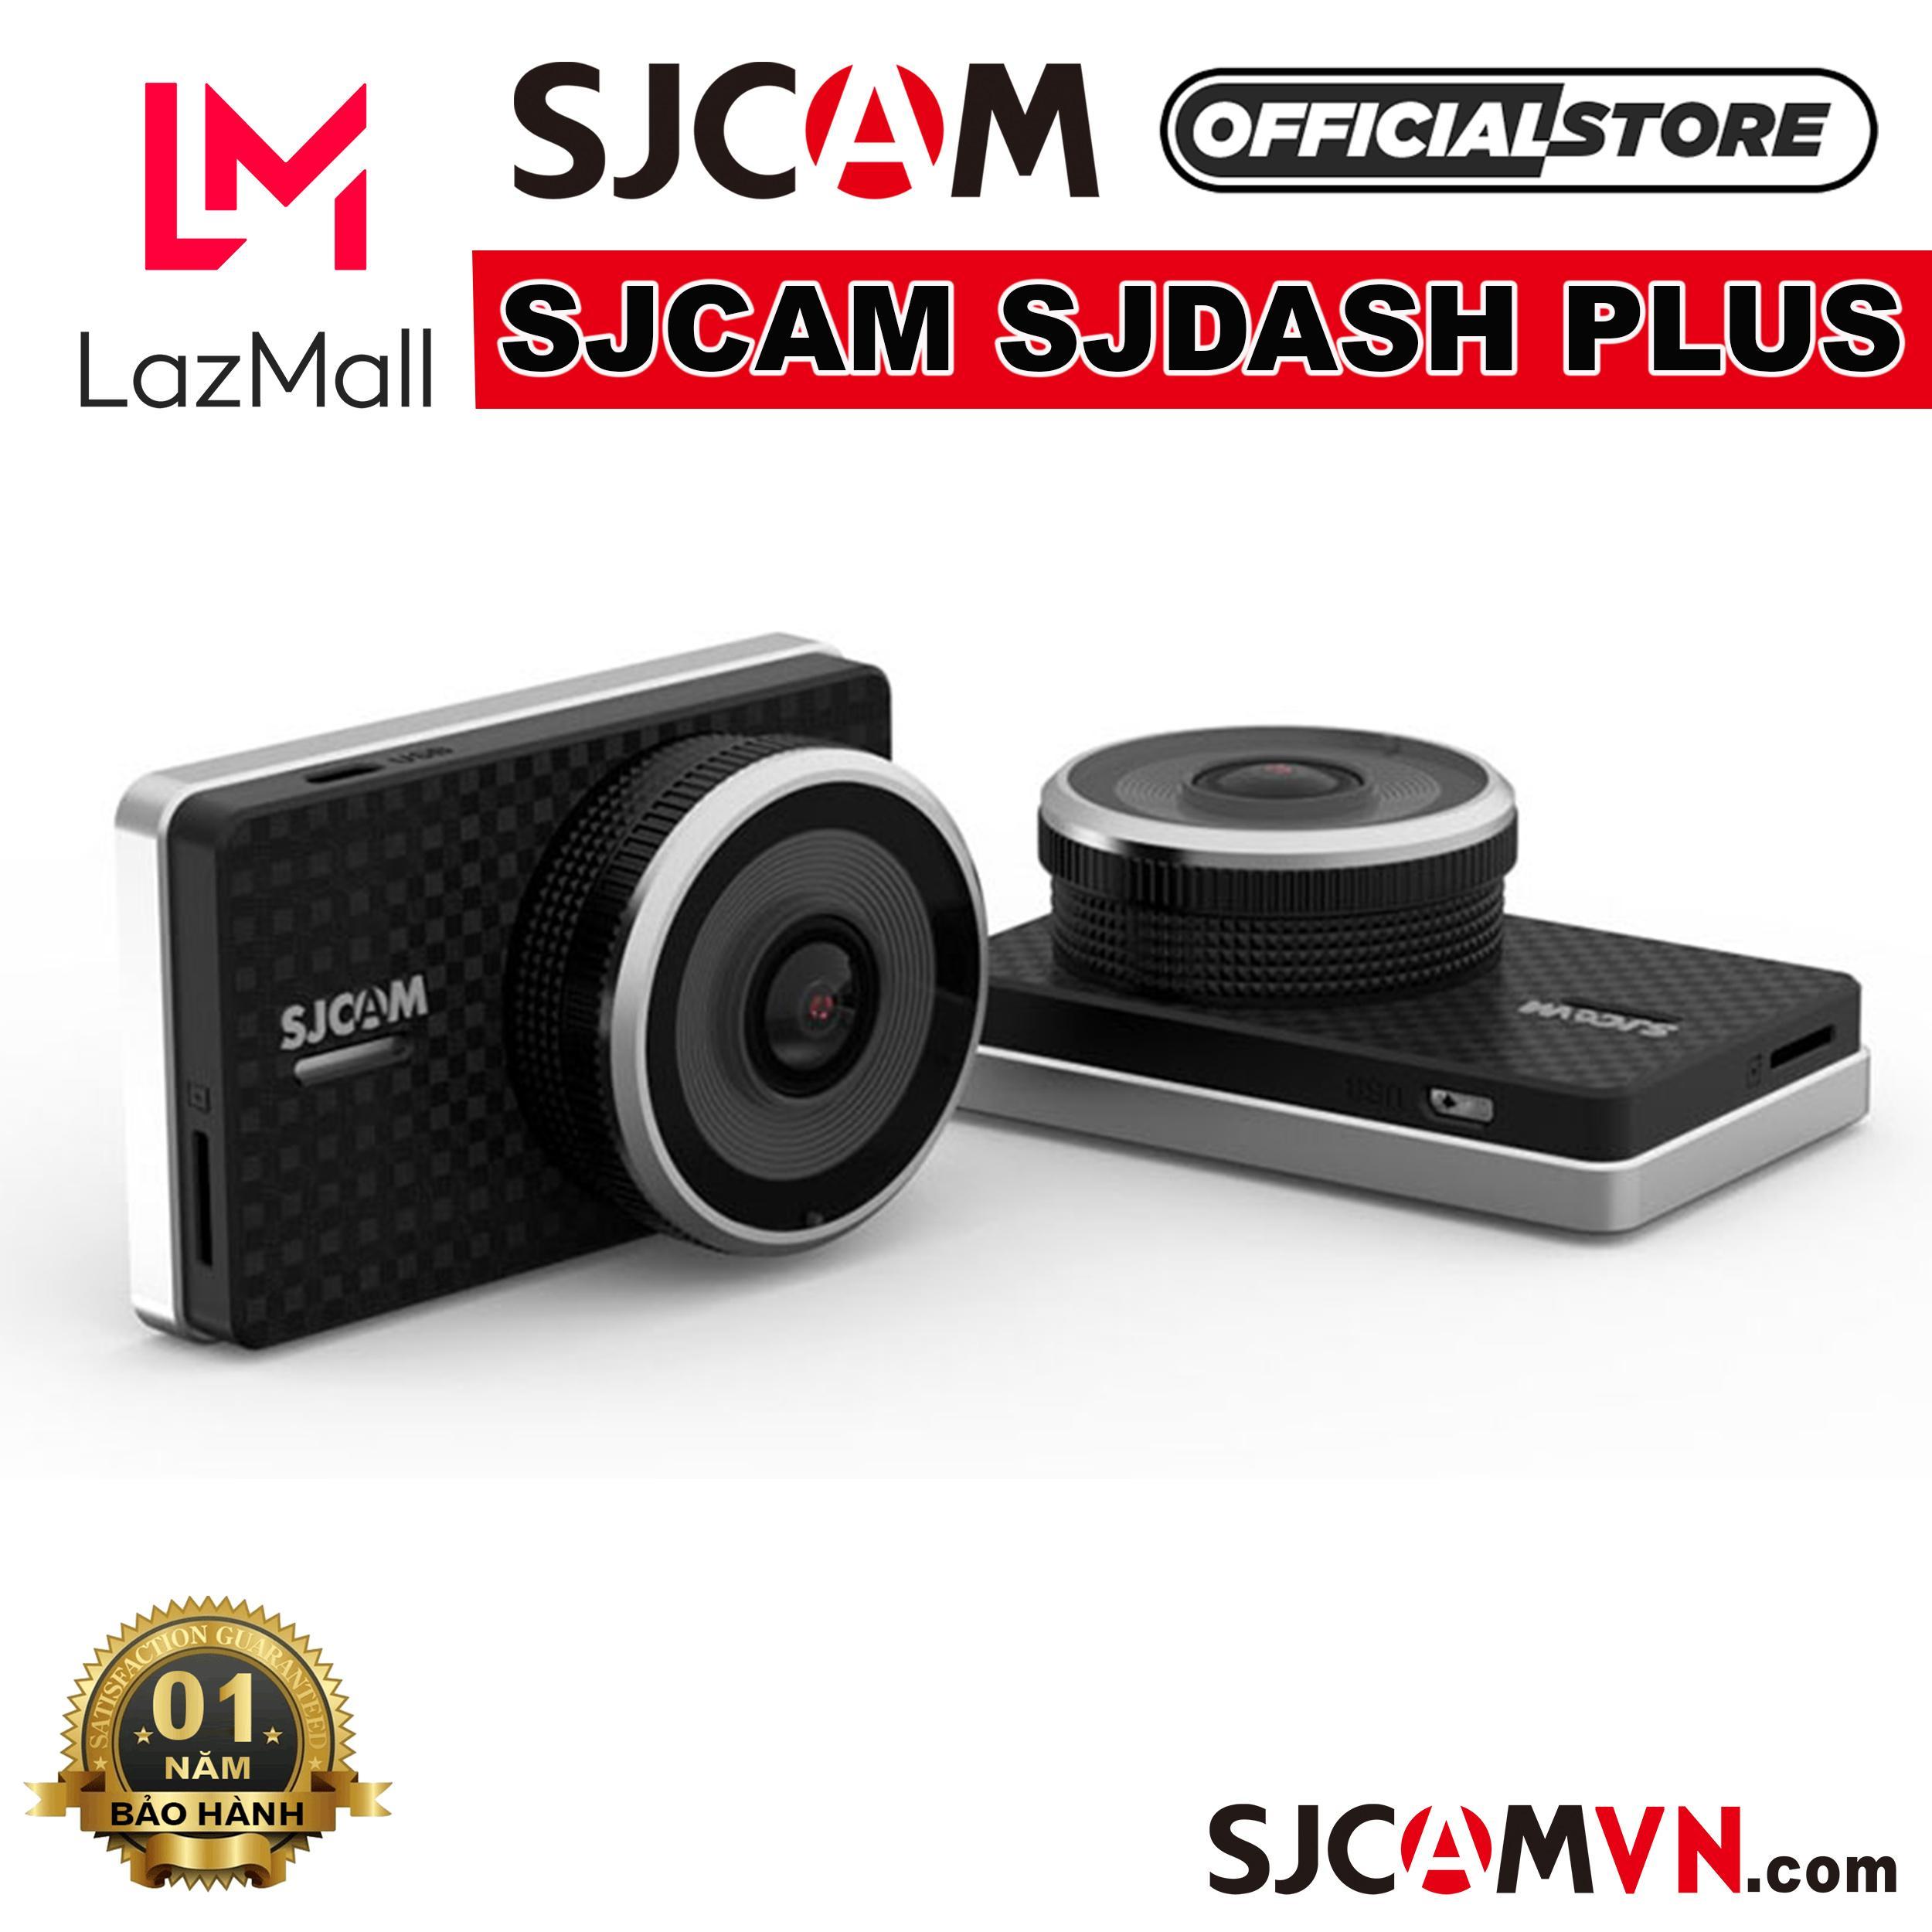 Camera Hành Trình Xe Hơi SJCAM SJDASH + 4K WiFi - Hãng Phân Phối Chính Thức Đang Có Khuyến Mãi